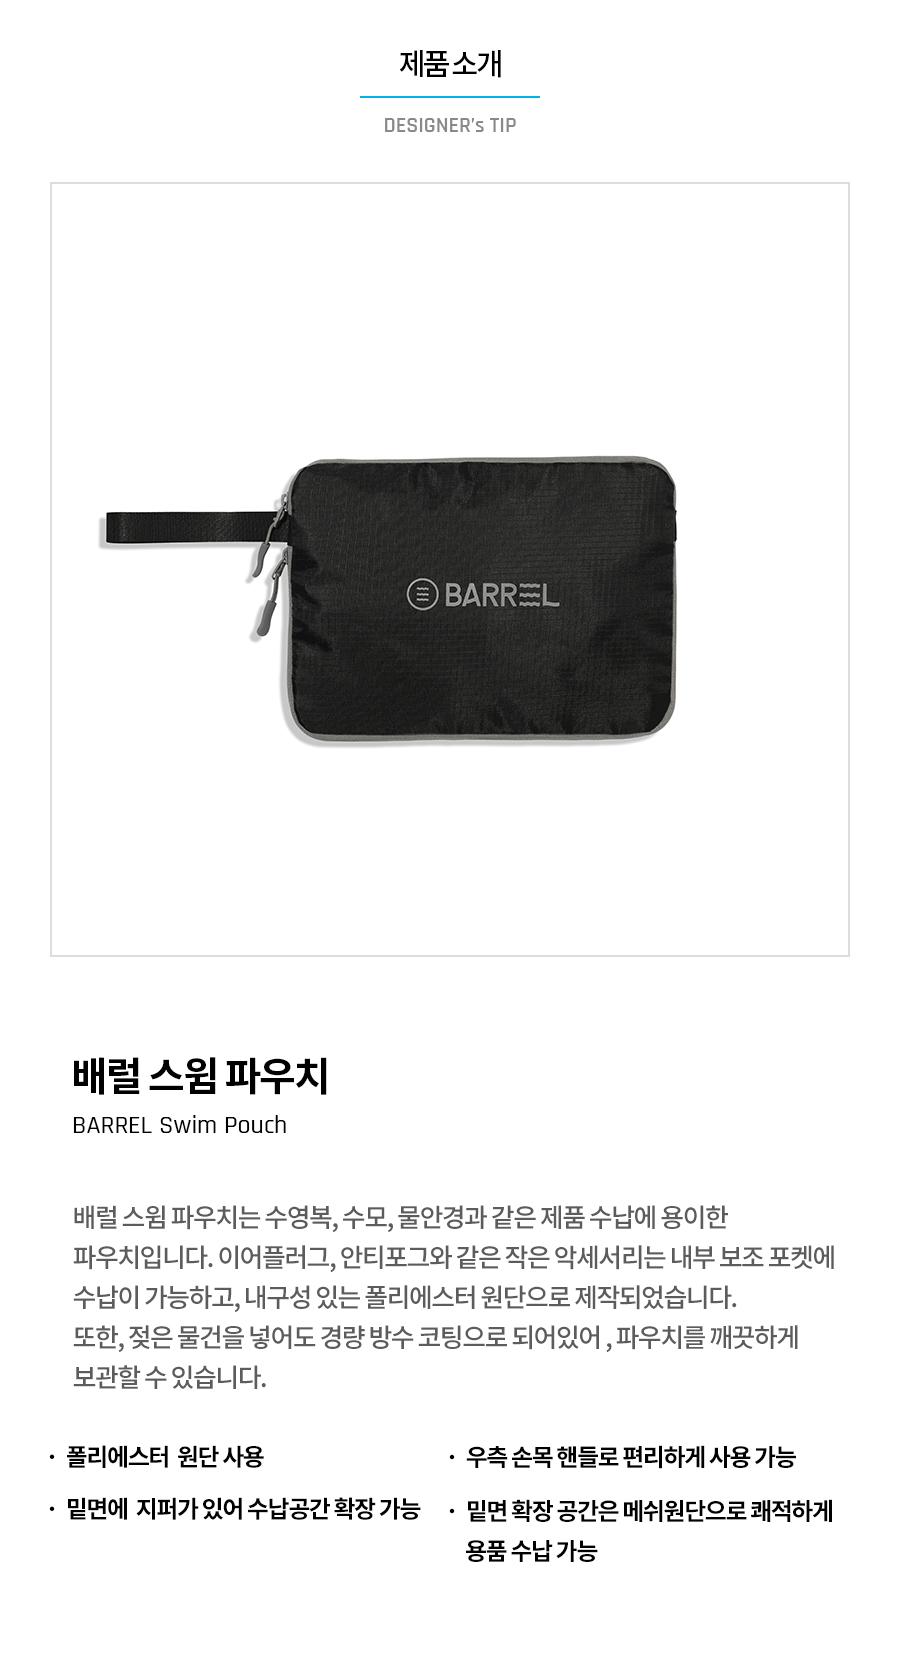 배럴(BARREL) 스윔 파우치 블랙 (BWIUPOA001BKON)